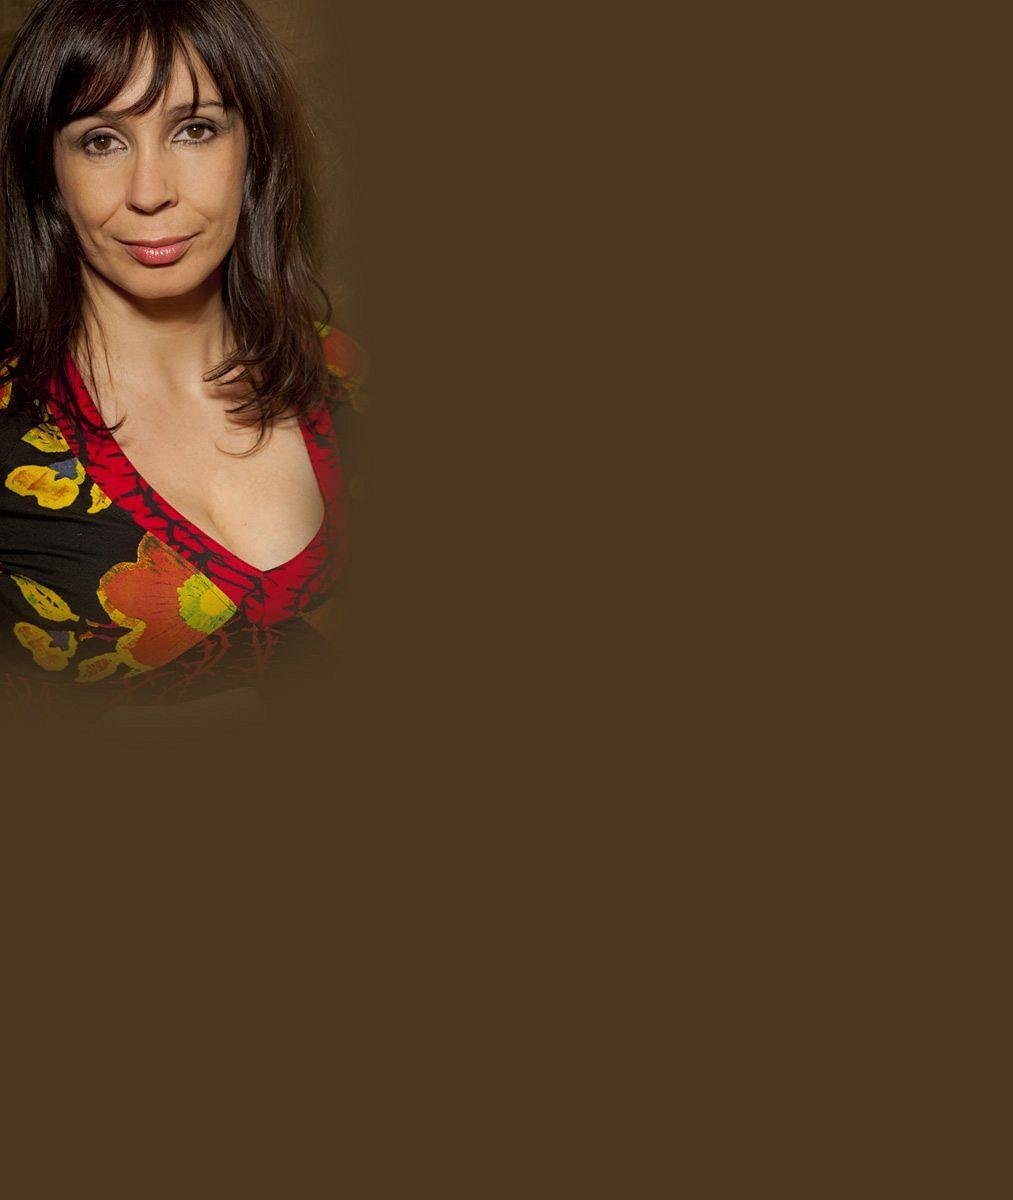 Nela Boudová v roli modelky: V padesáti vystoupala na molo a předvedla se s hlubokým výstřihem